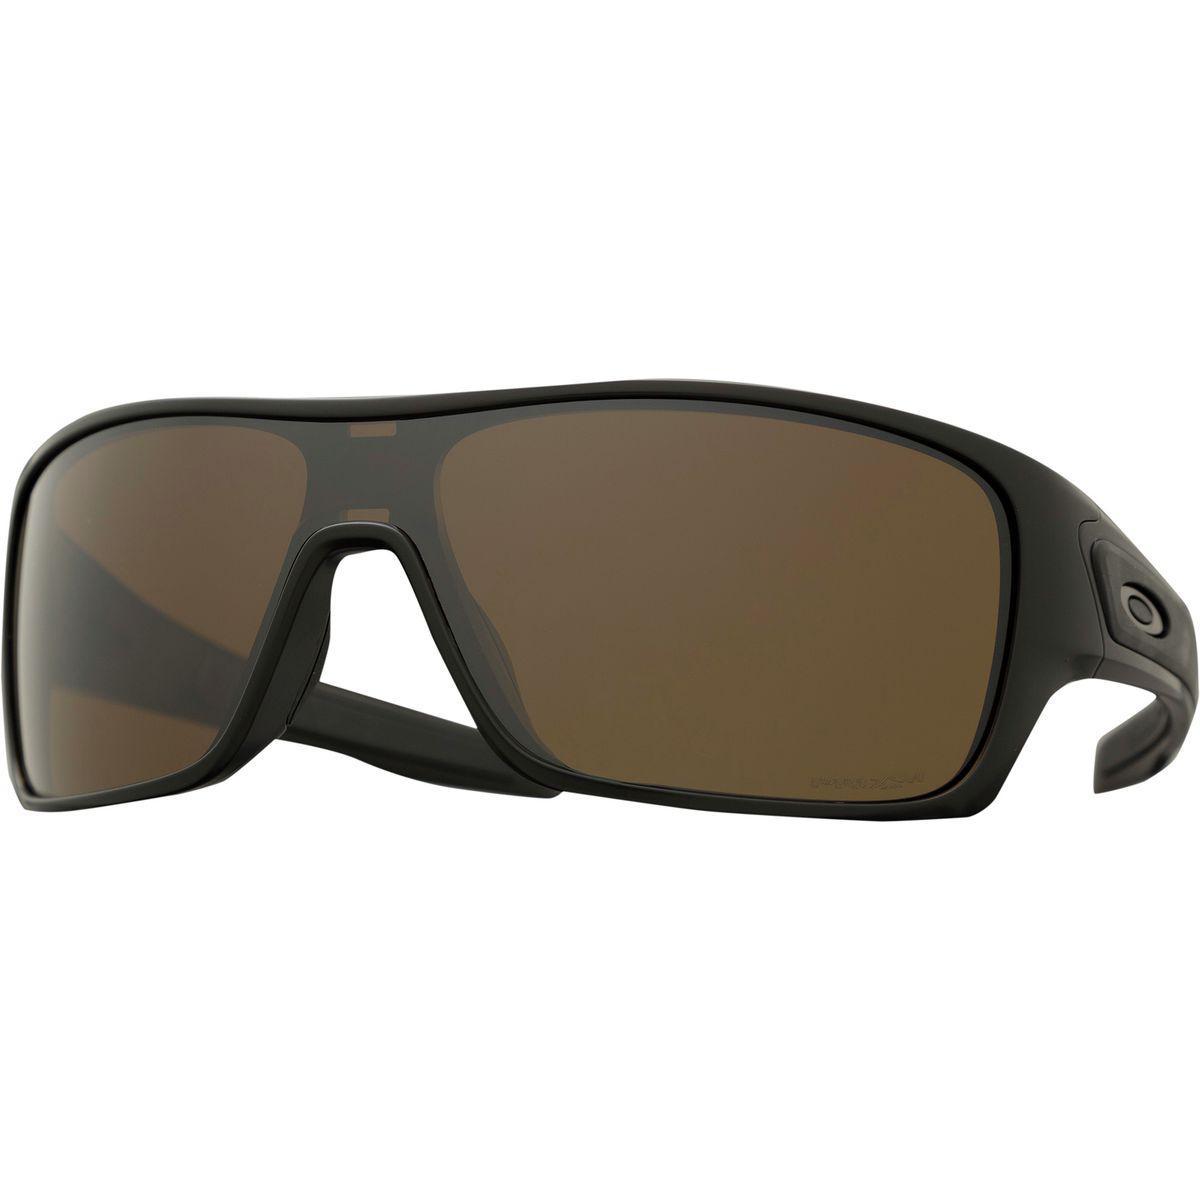 01ed311e58 Lyst - Oakley Turbine Rotor Prizm Sunglasses for Men